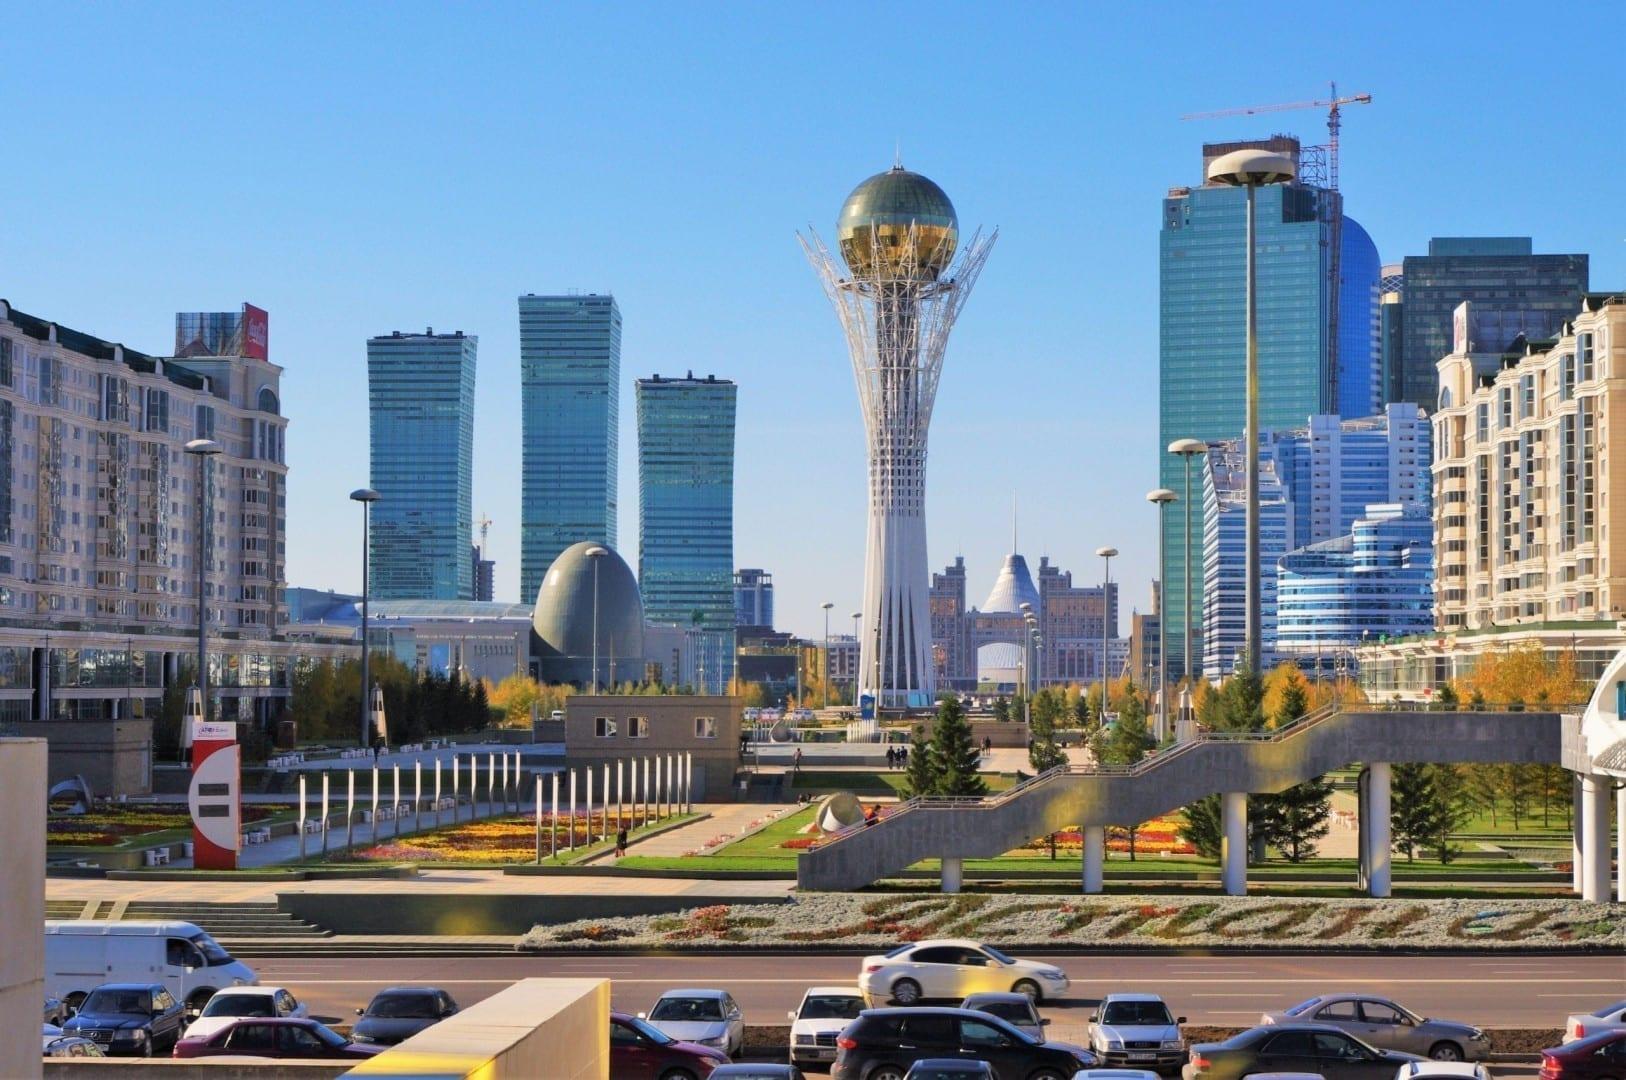 El centro con la Torre Baiterek en el medio Kazajistán